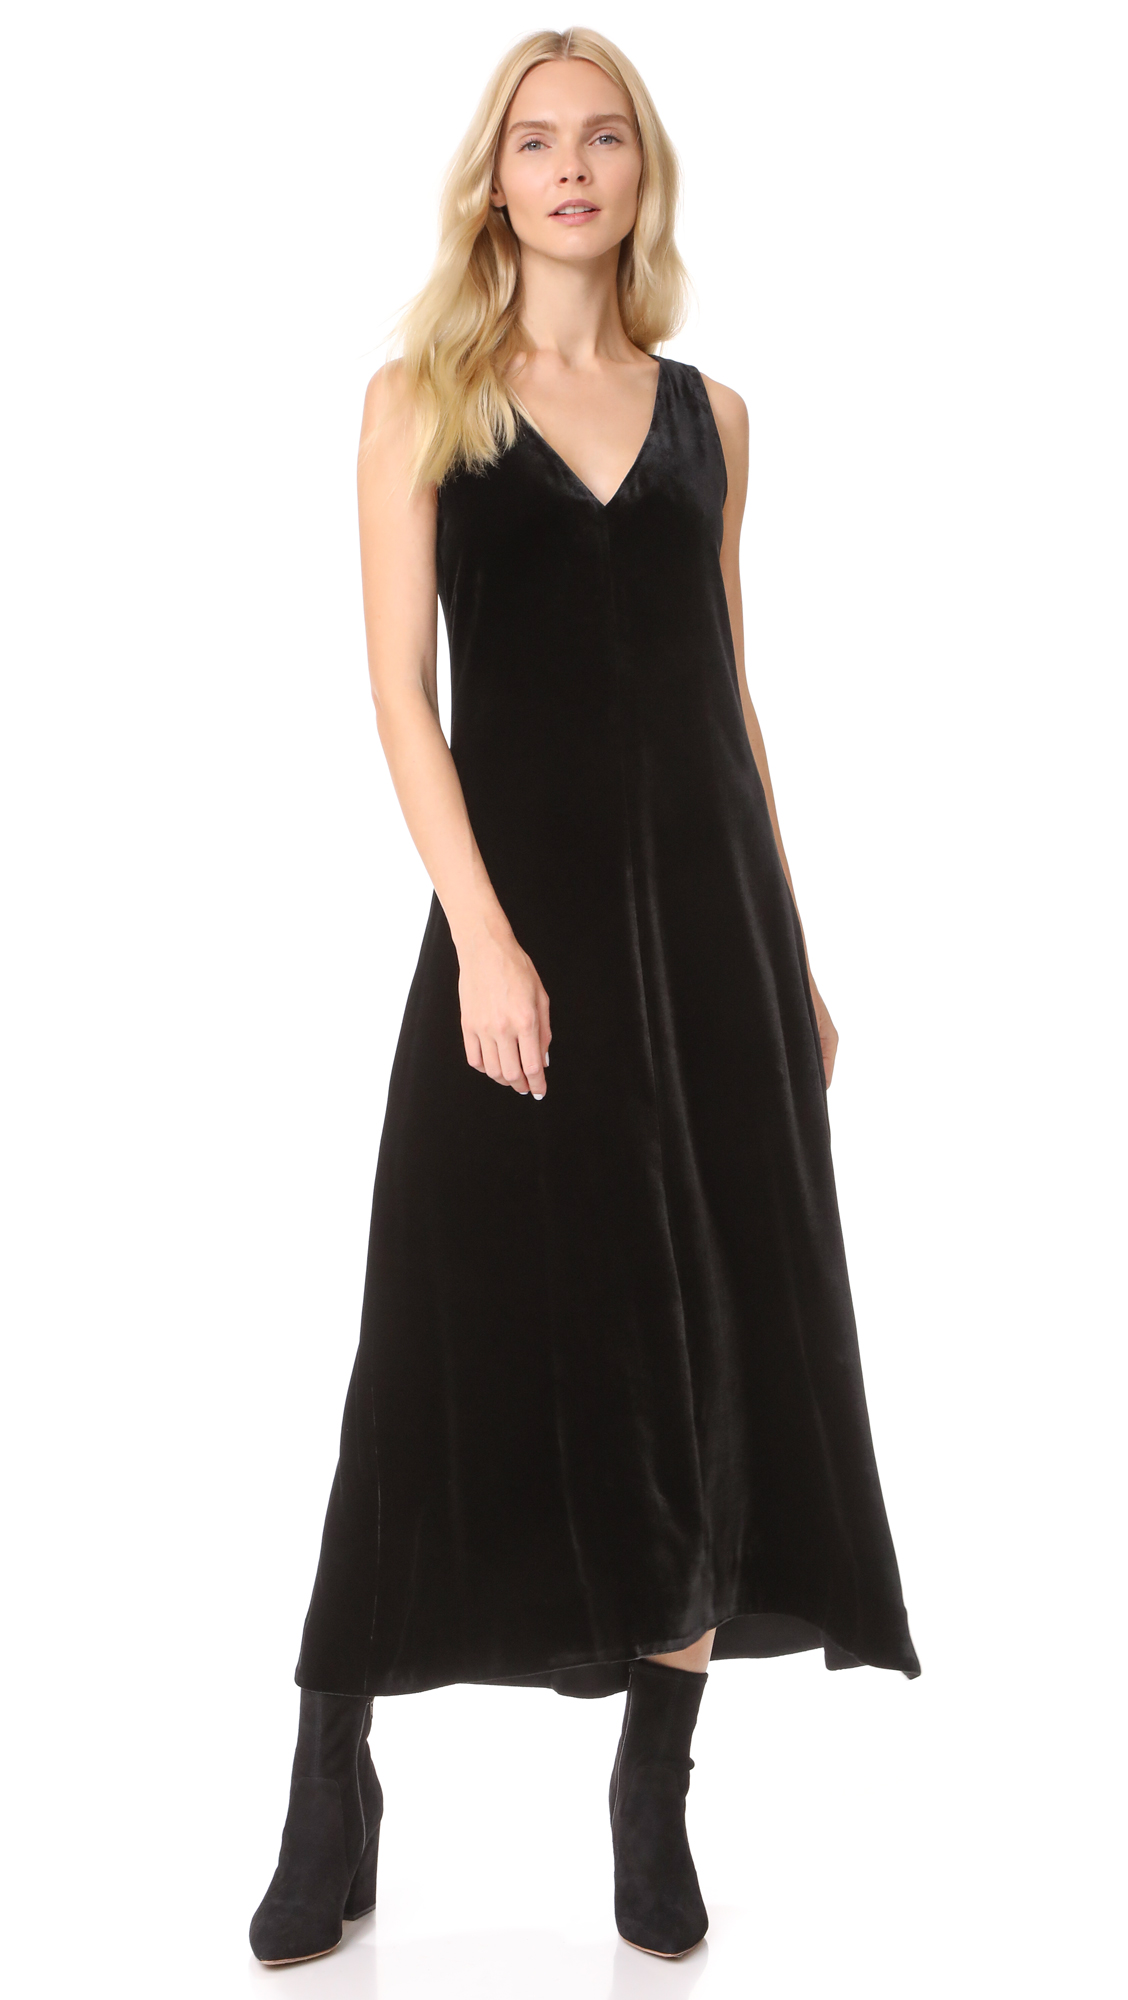 Theory Luxe Velvet Slip Dress - Black